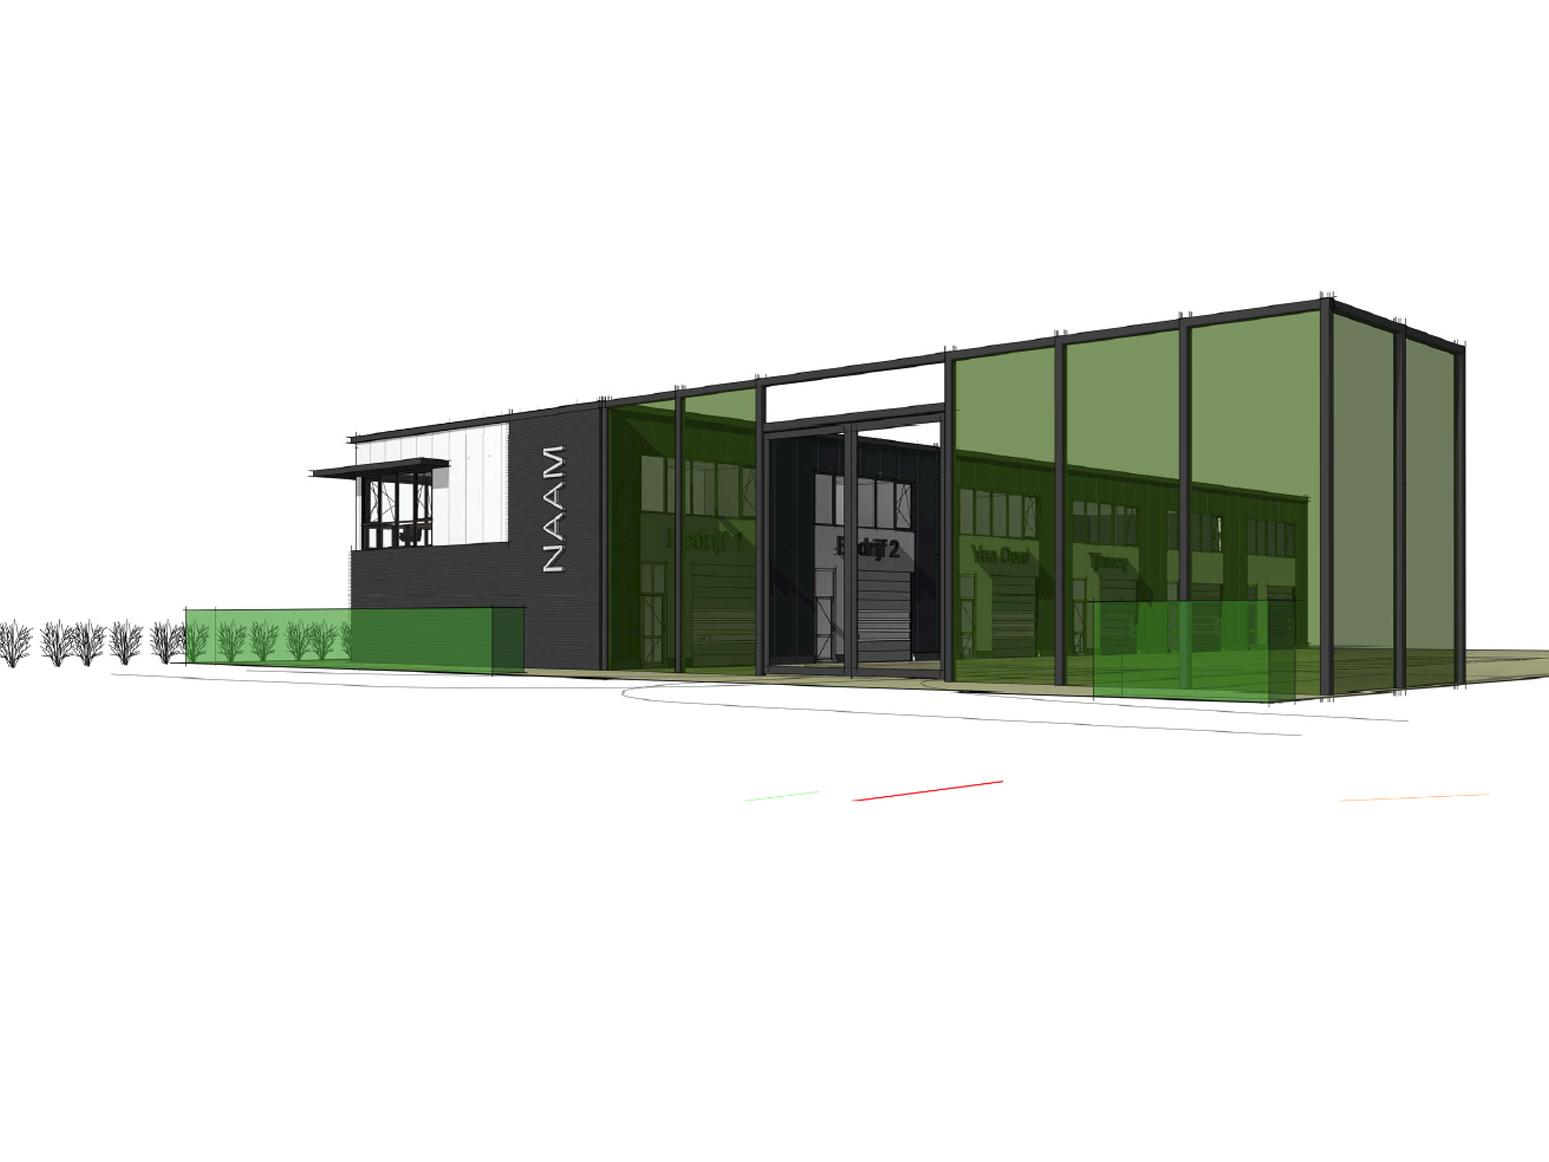 bedrijfspand-eigentijds-met-groenegevel-het-klooster-te-nieuwegein-van-oord-architectuur-en-design-wenum-wiesel-architect-apeldoorn